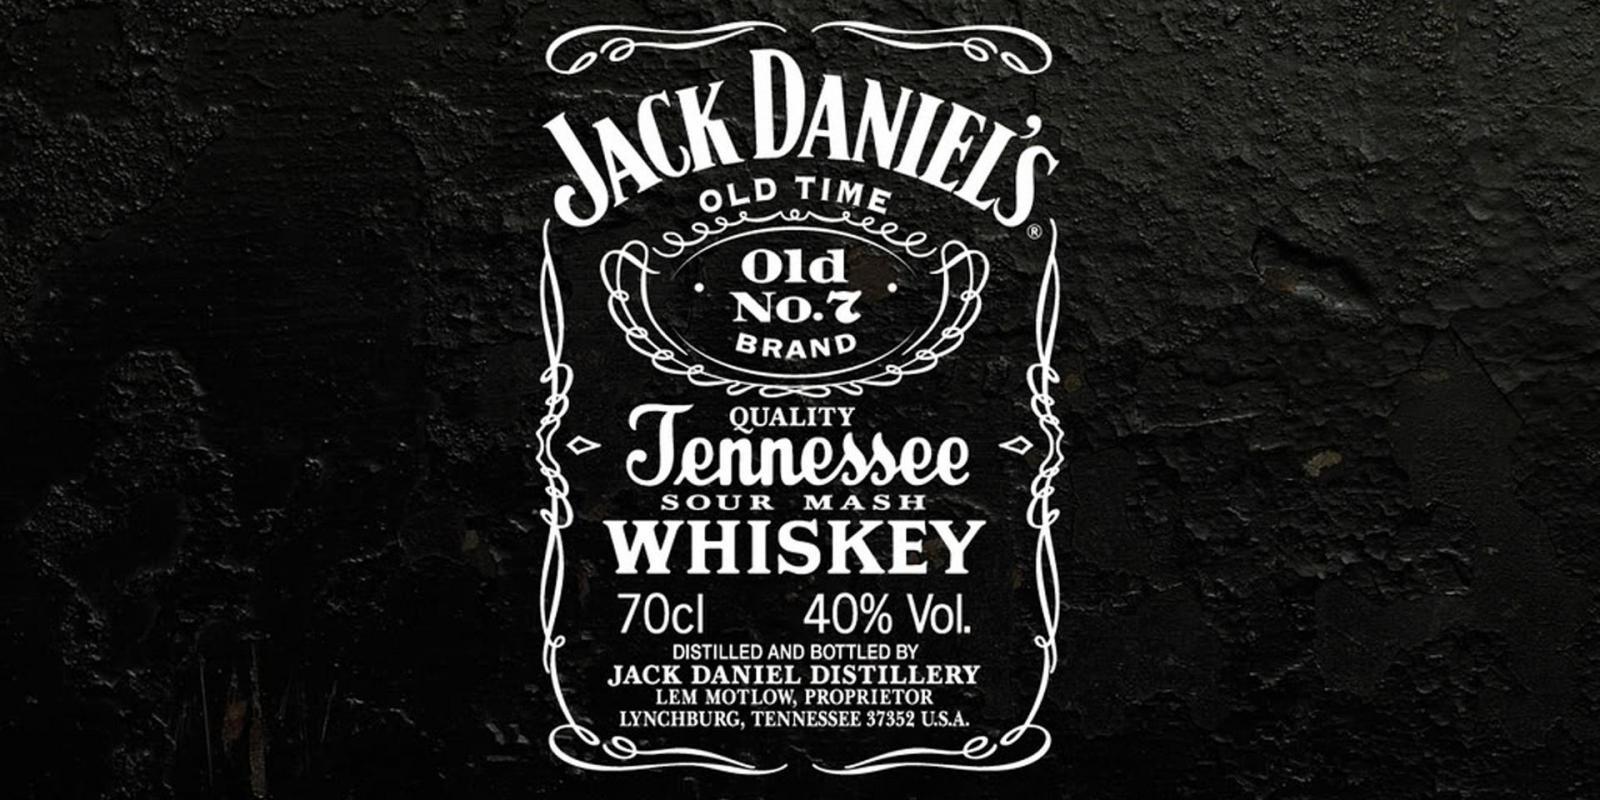 Miniature représentant le produit Jack Daniel's Gold No 27 en petit format, autre image qui au click devient l'image la plus grande.